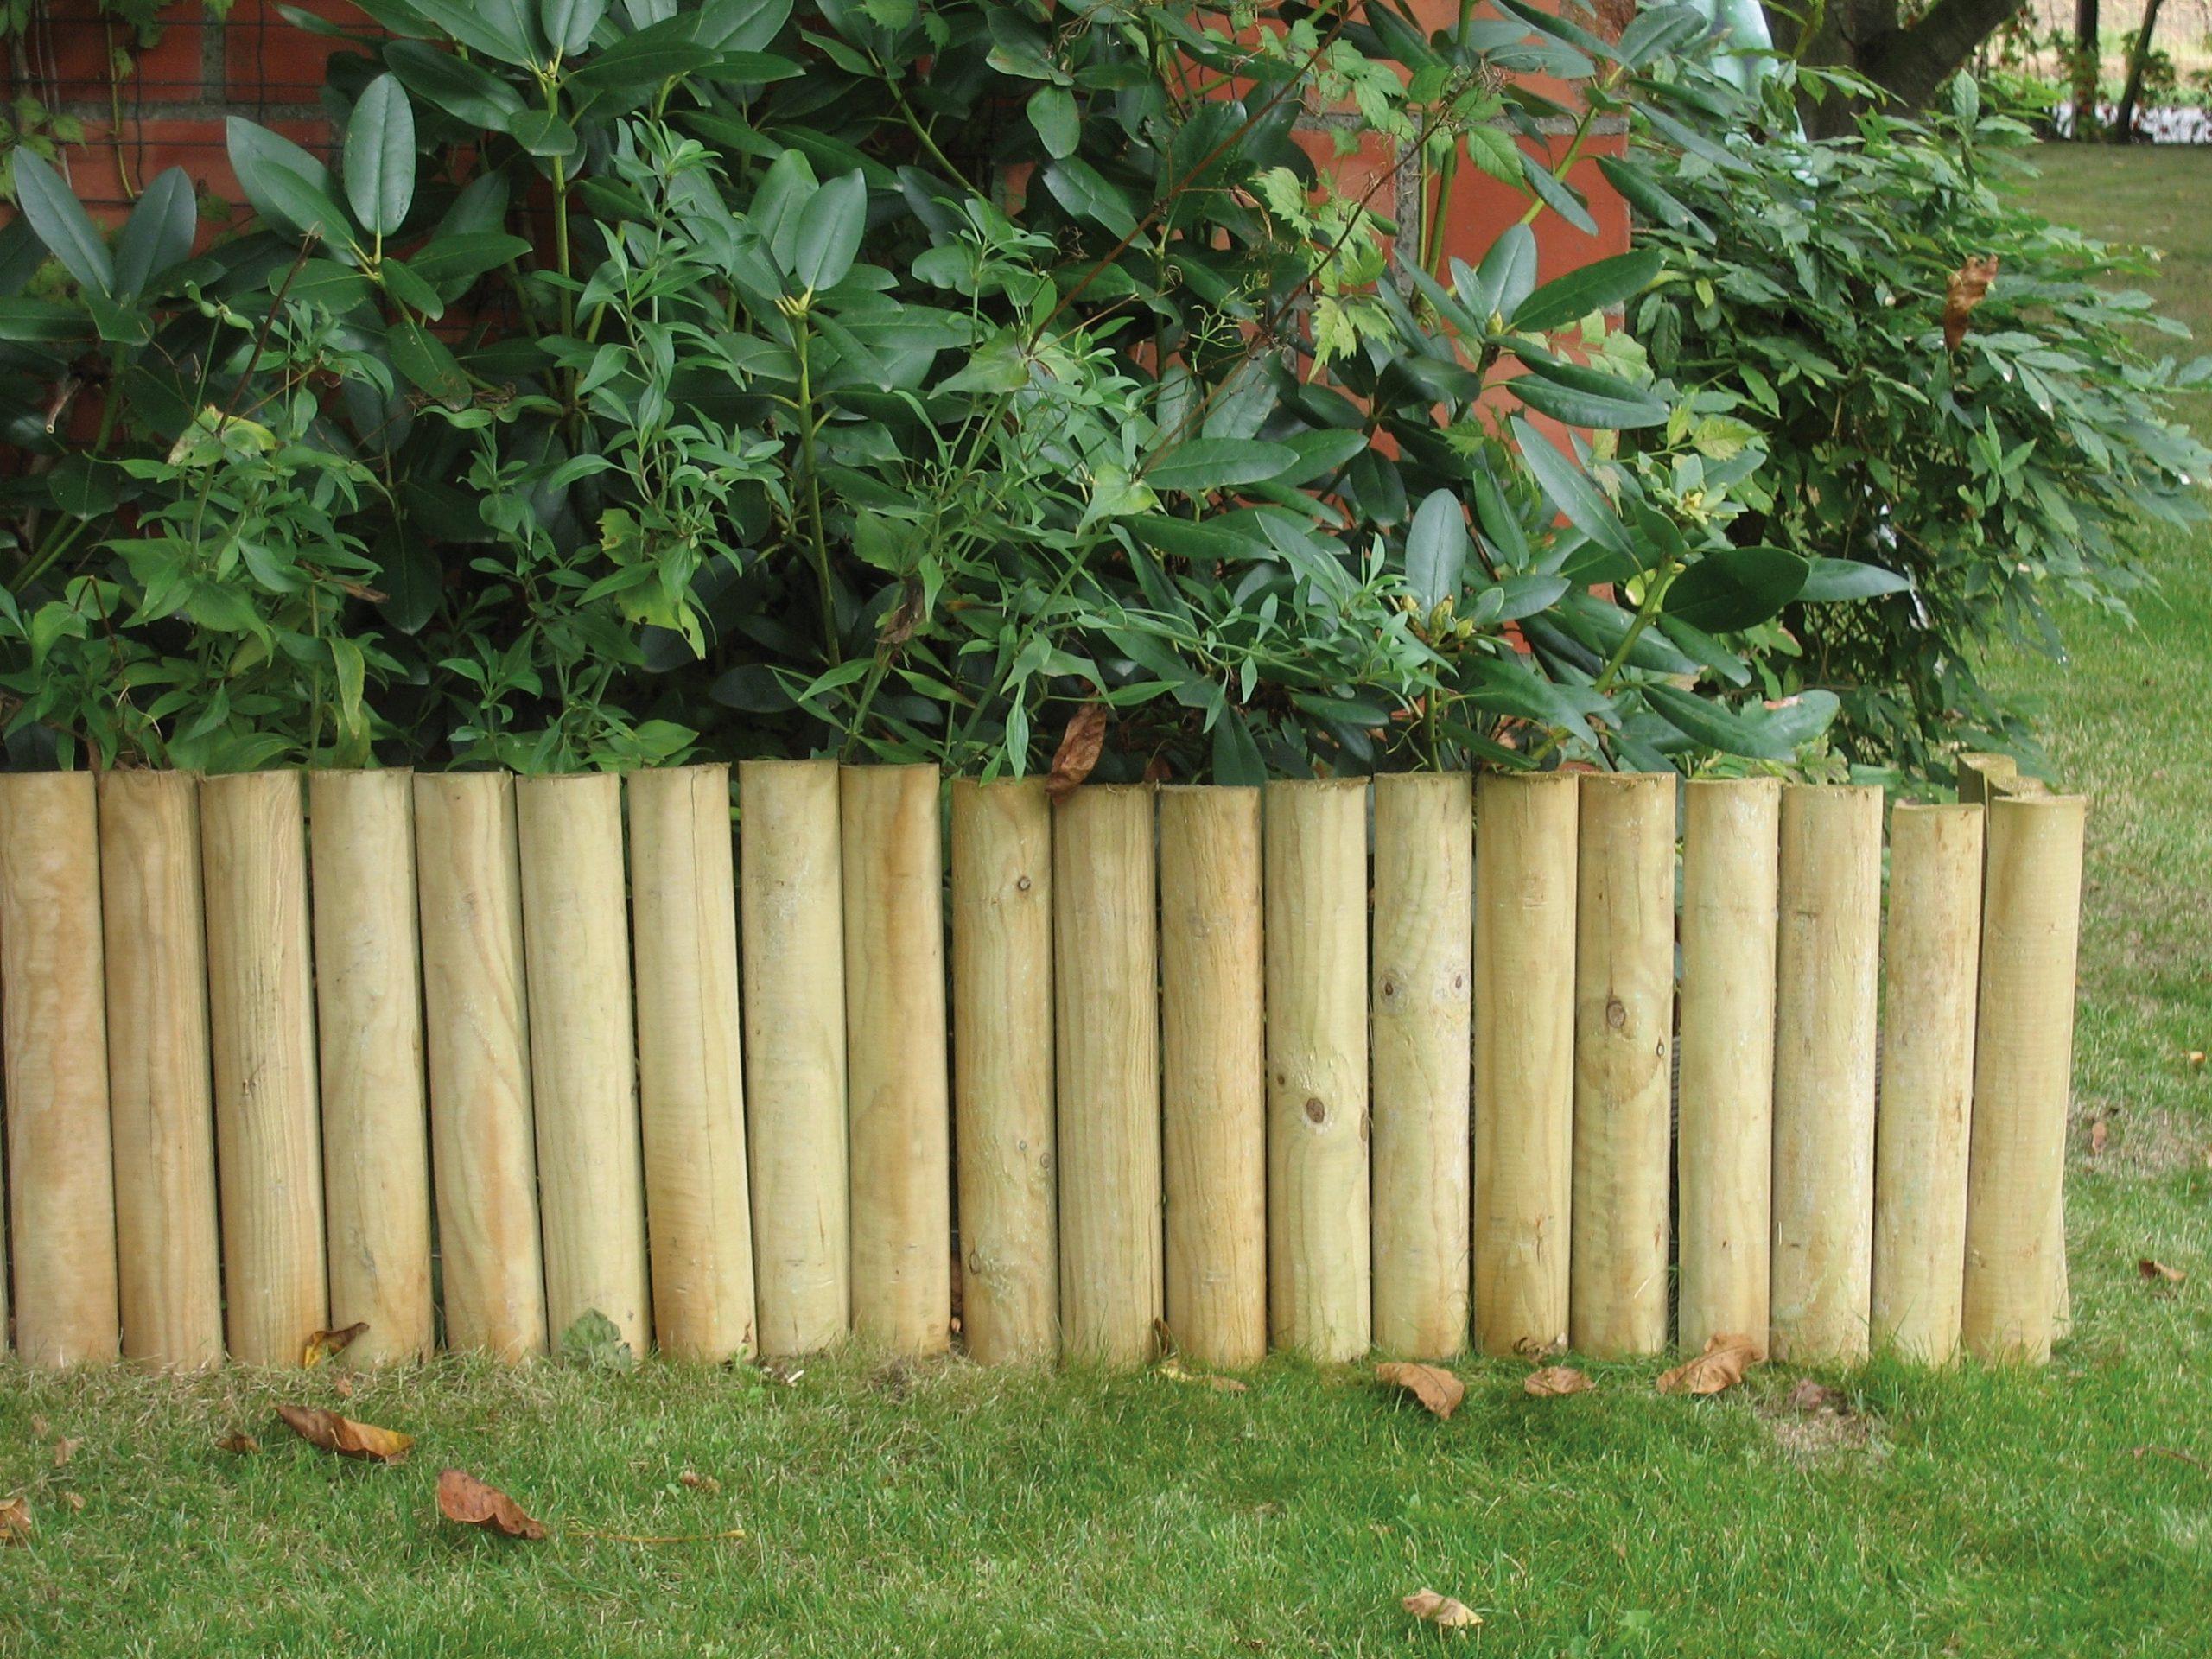 Bordure Demi Ronde En Bois 180 X 20 X 5 Cm Autoclave Solid - Mr.bricolage à Bordure Jardin Bois